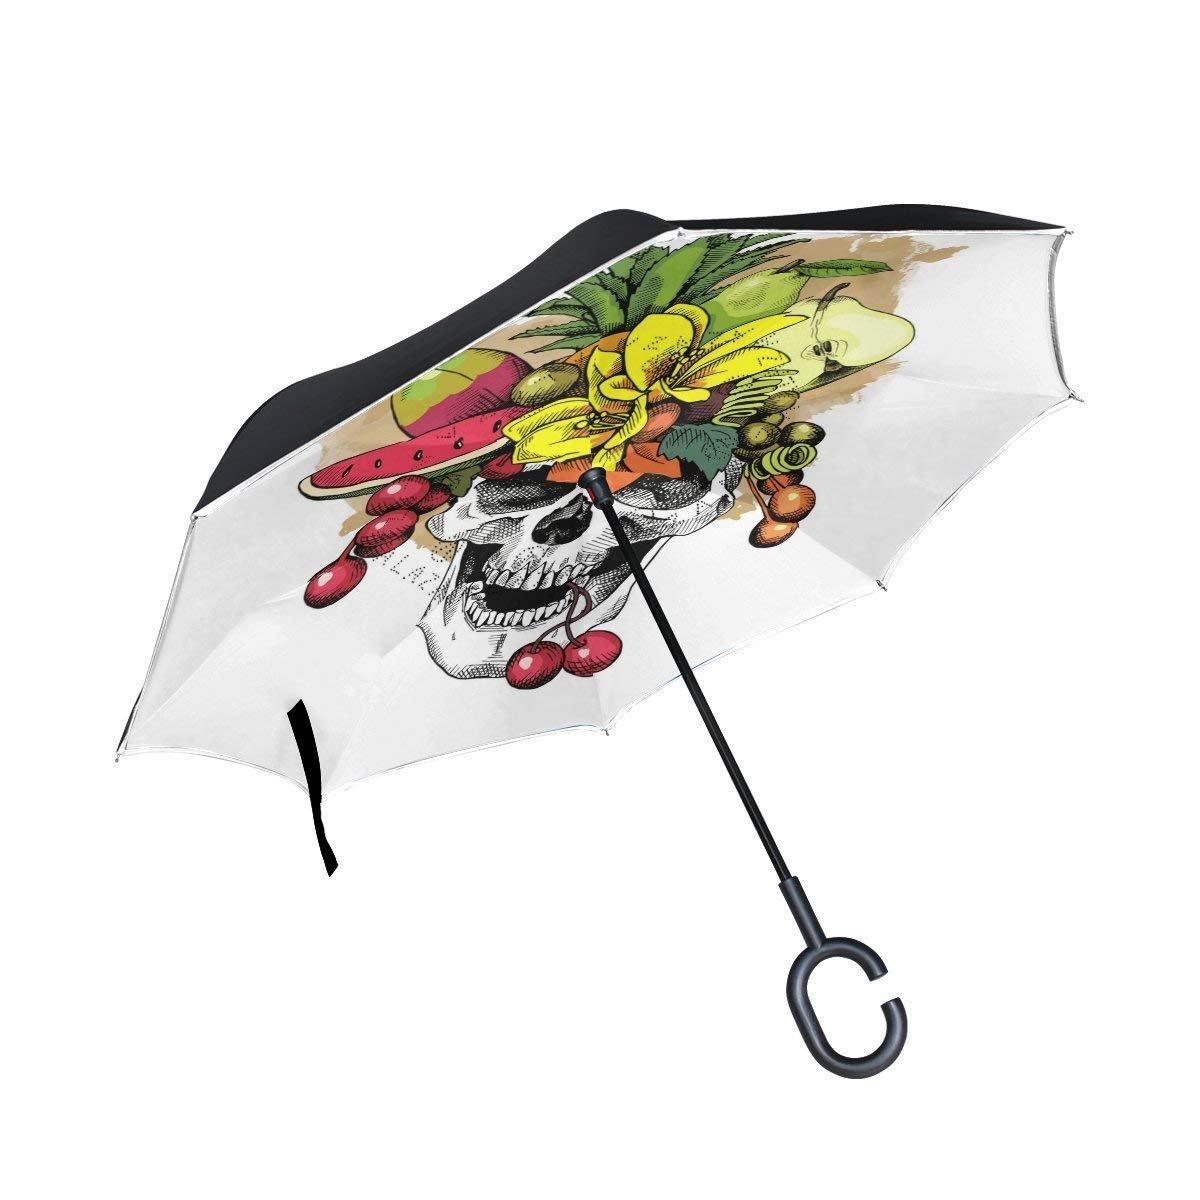 すべての同意油彩画ロンドンタワーブリッジInverted傘二層防風UV保護コンパクト車逆傘 One Size カラー6 B07G486N7B